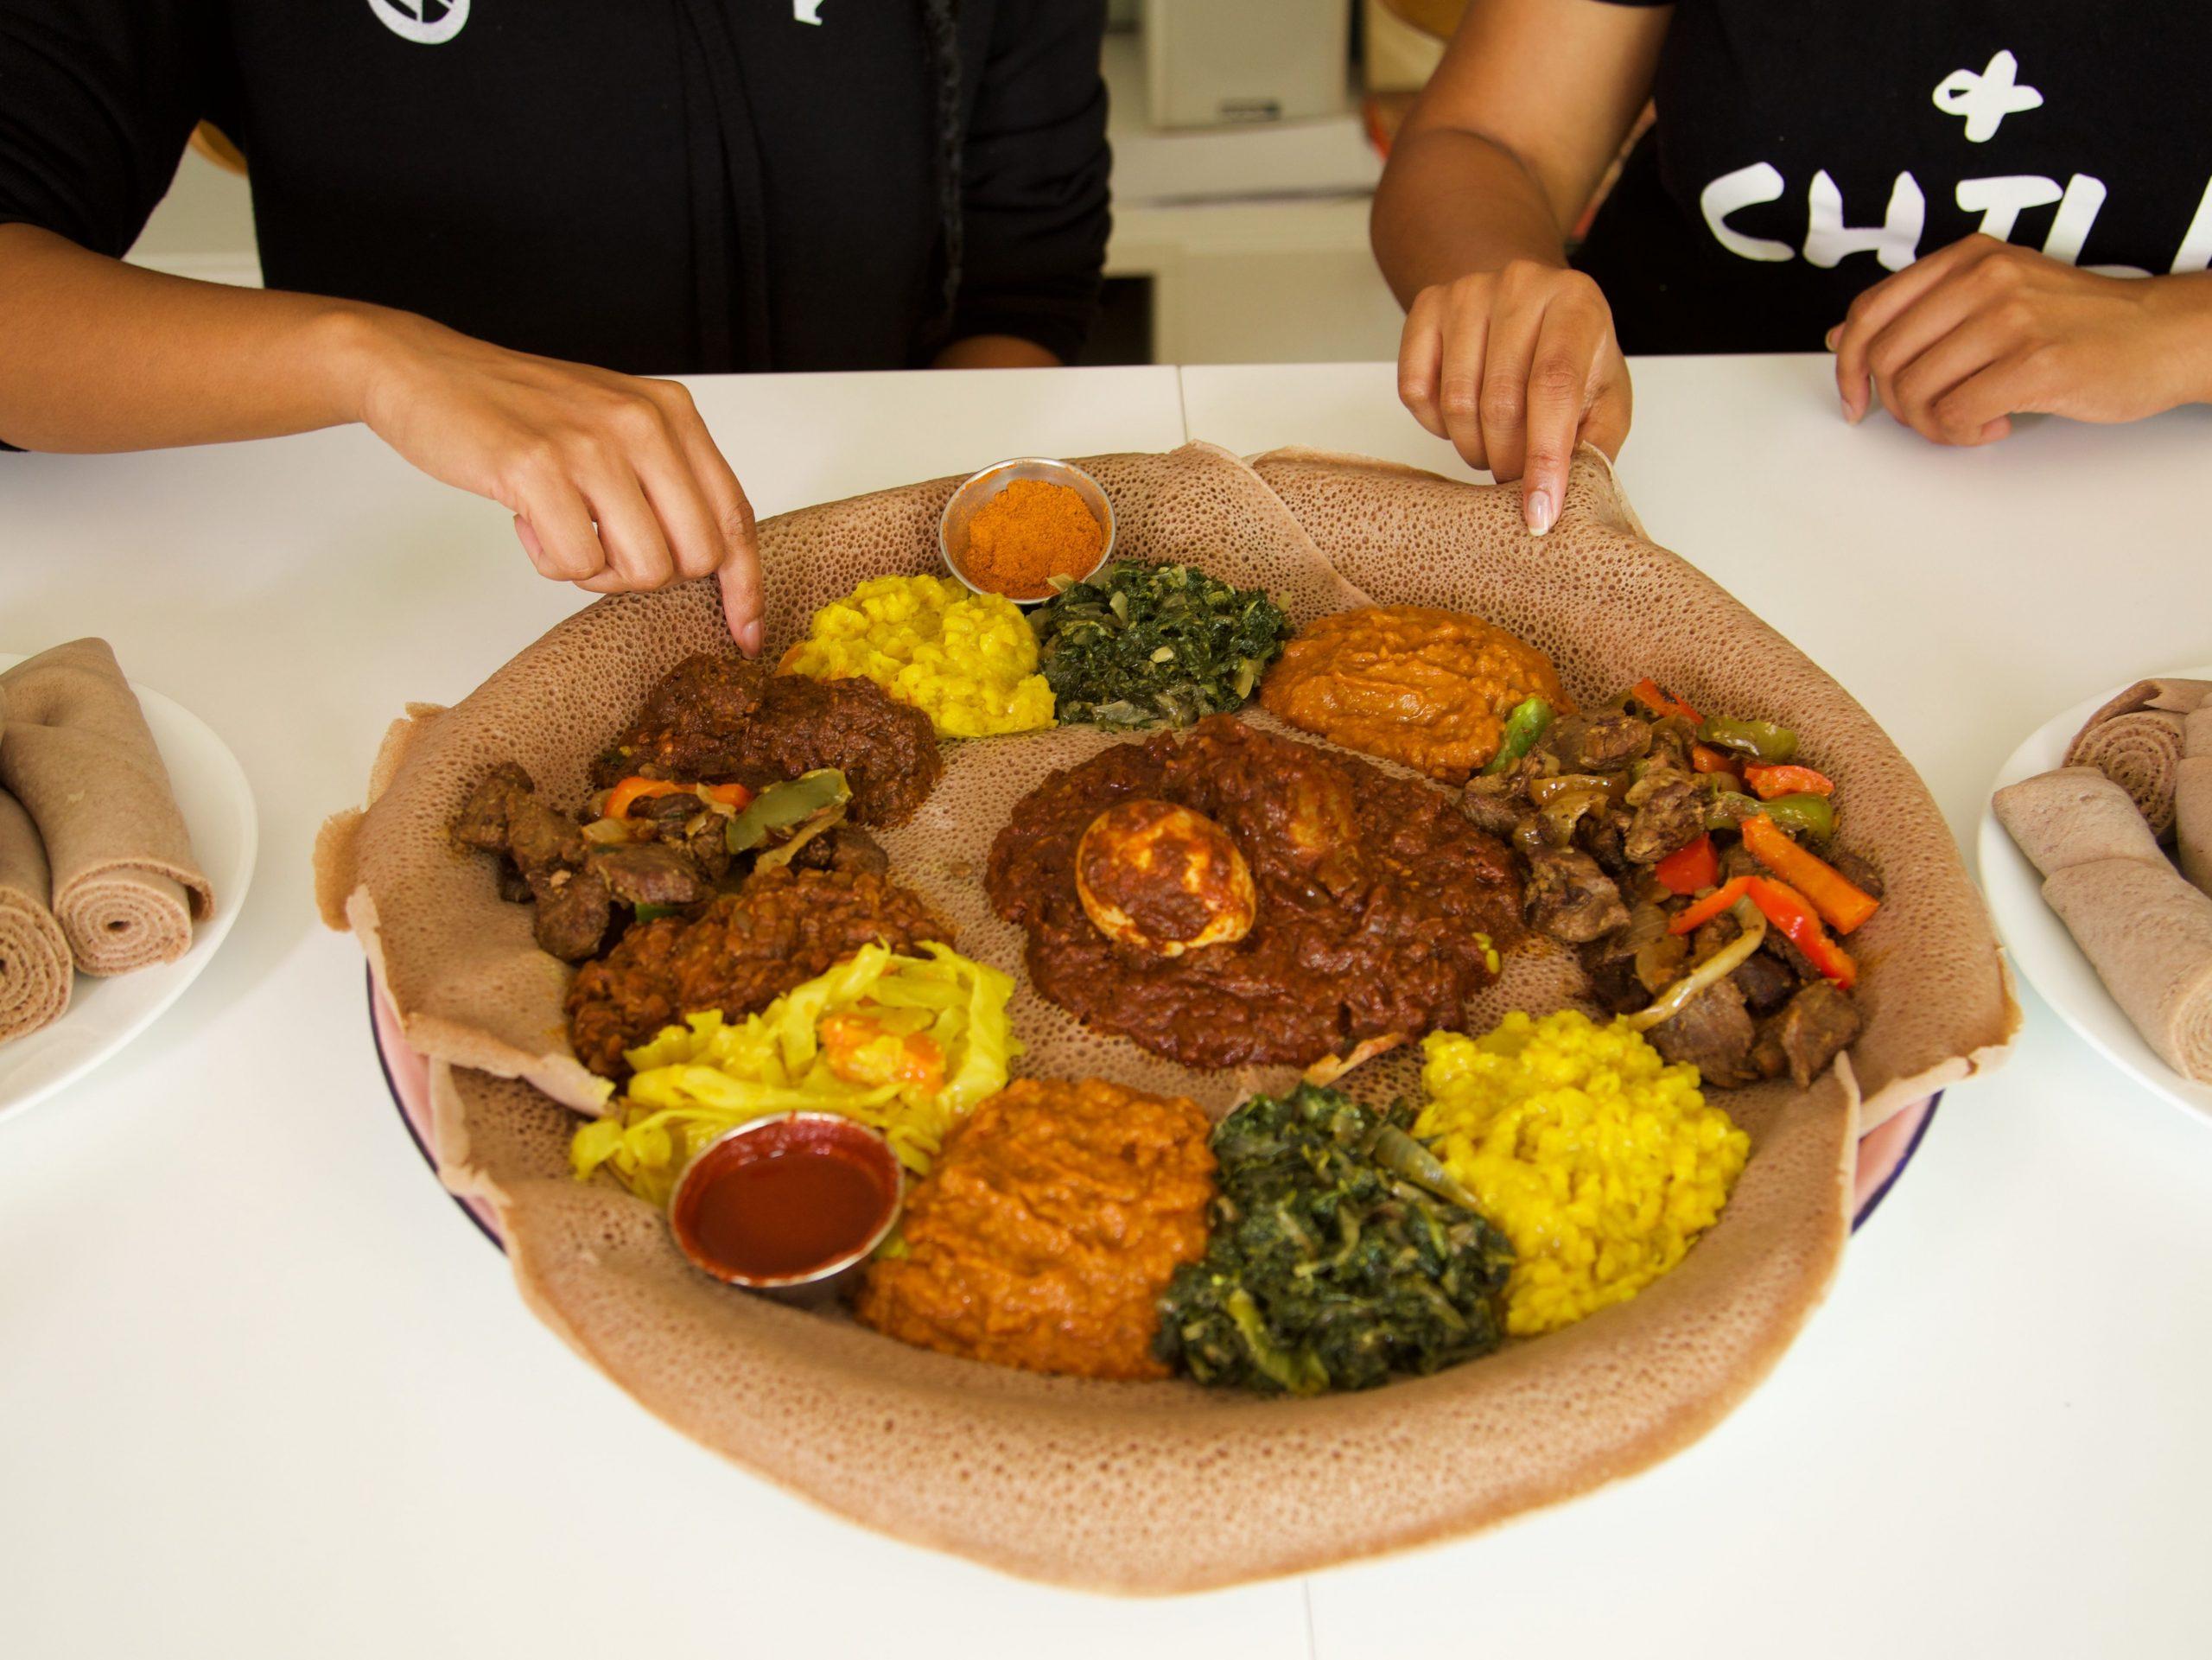 An Eritrean/Ethiopian veggie platter